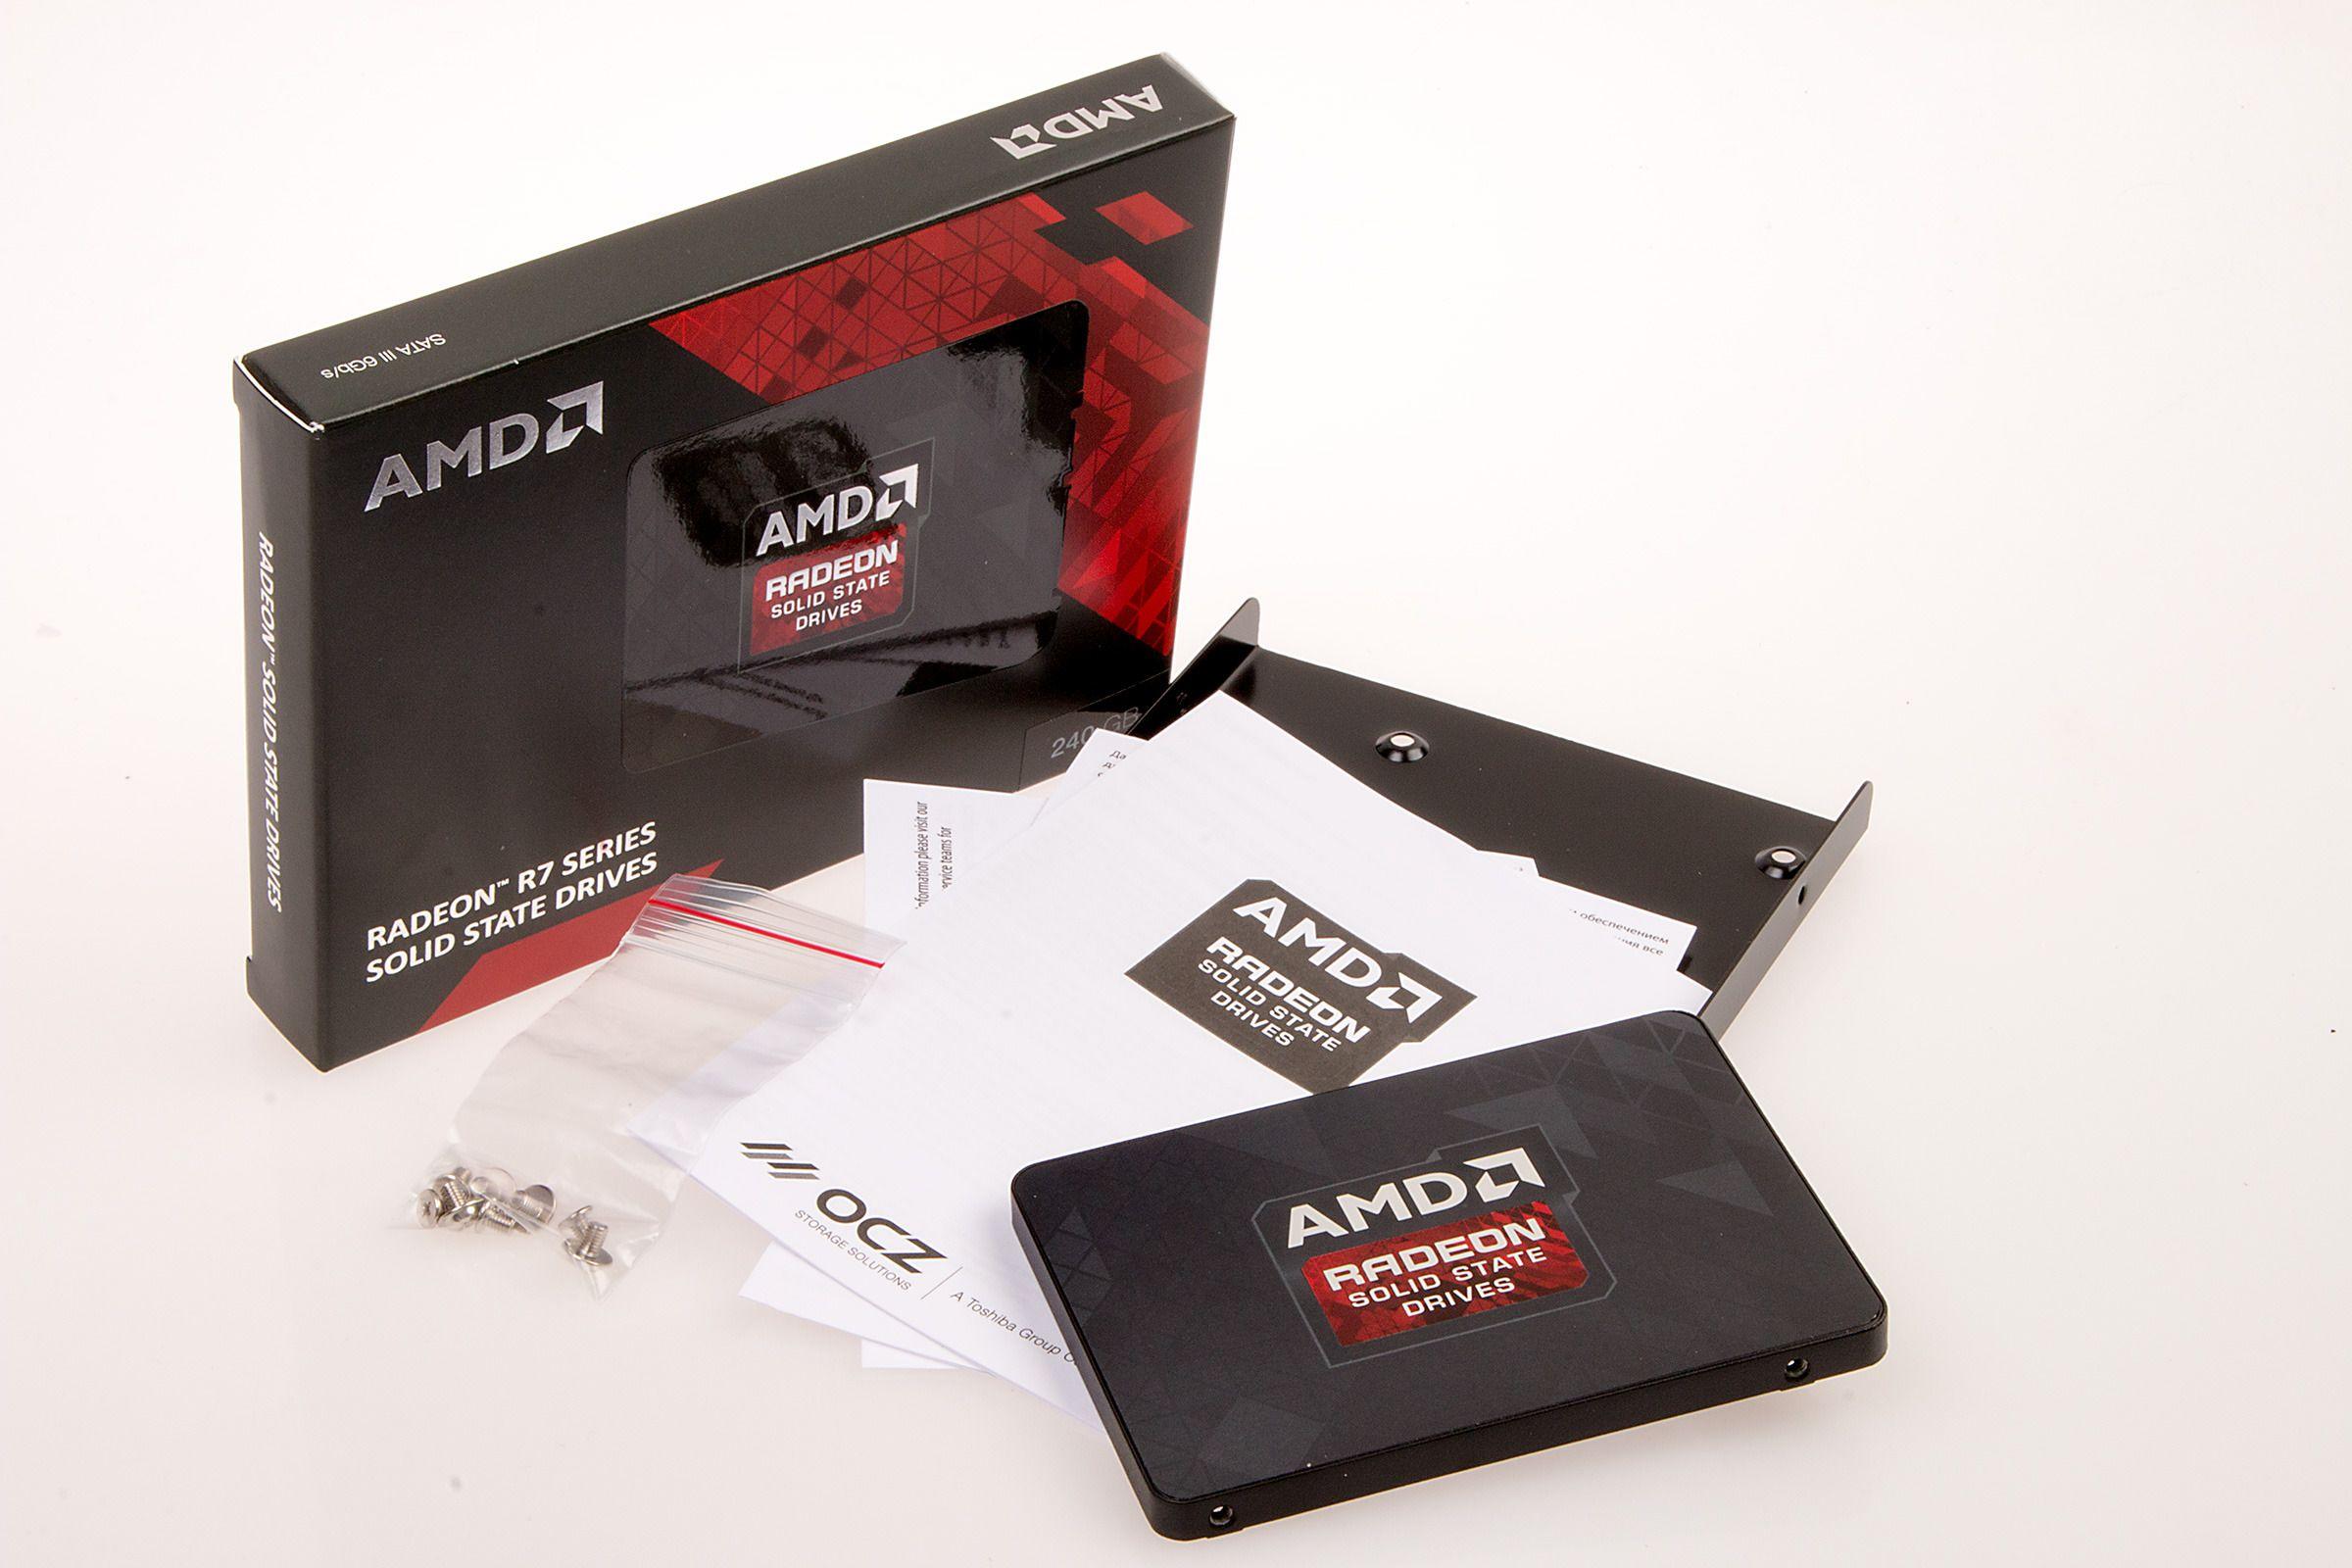 Det følger greit med tilbehør med Radeon R7 SSD, blant annet programvare for å klone harddisken din.Foto: Varg Aamo, Hardware.no